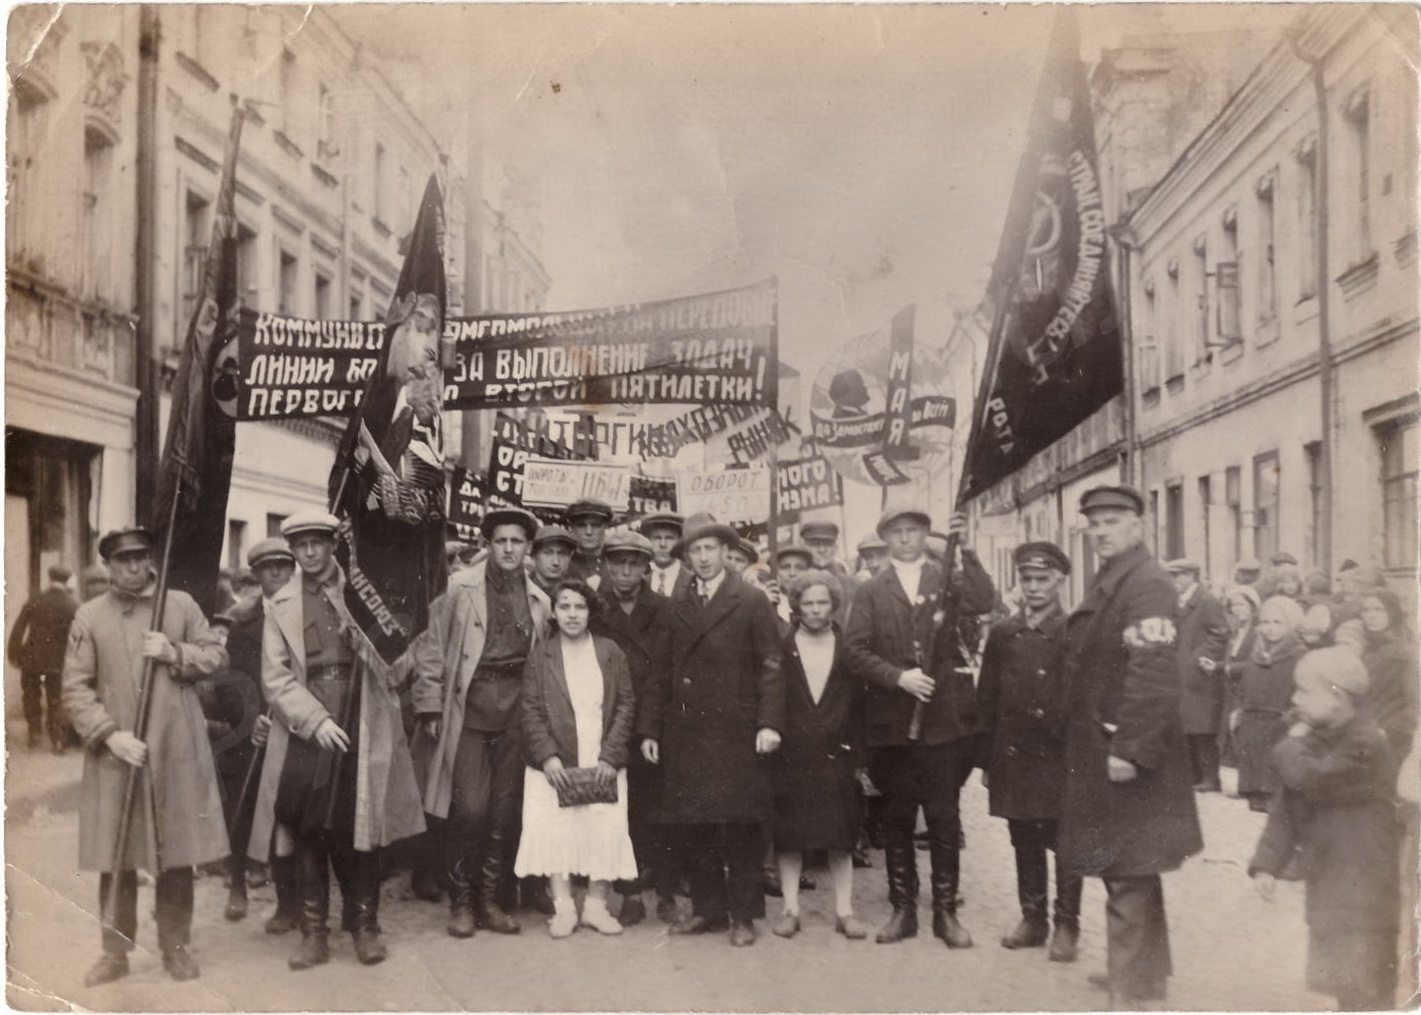 1934. Работники торговли на первомайской демонстрации